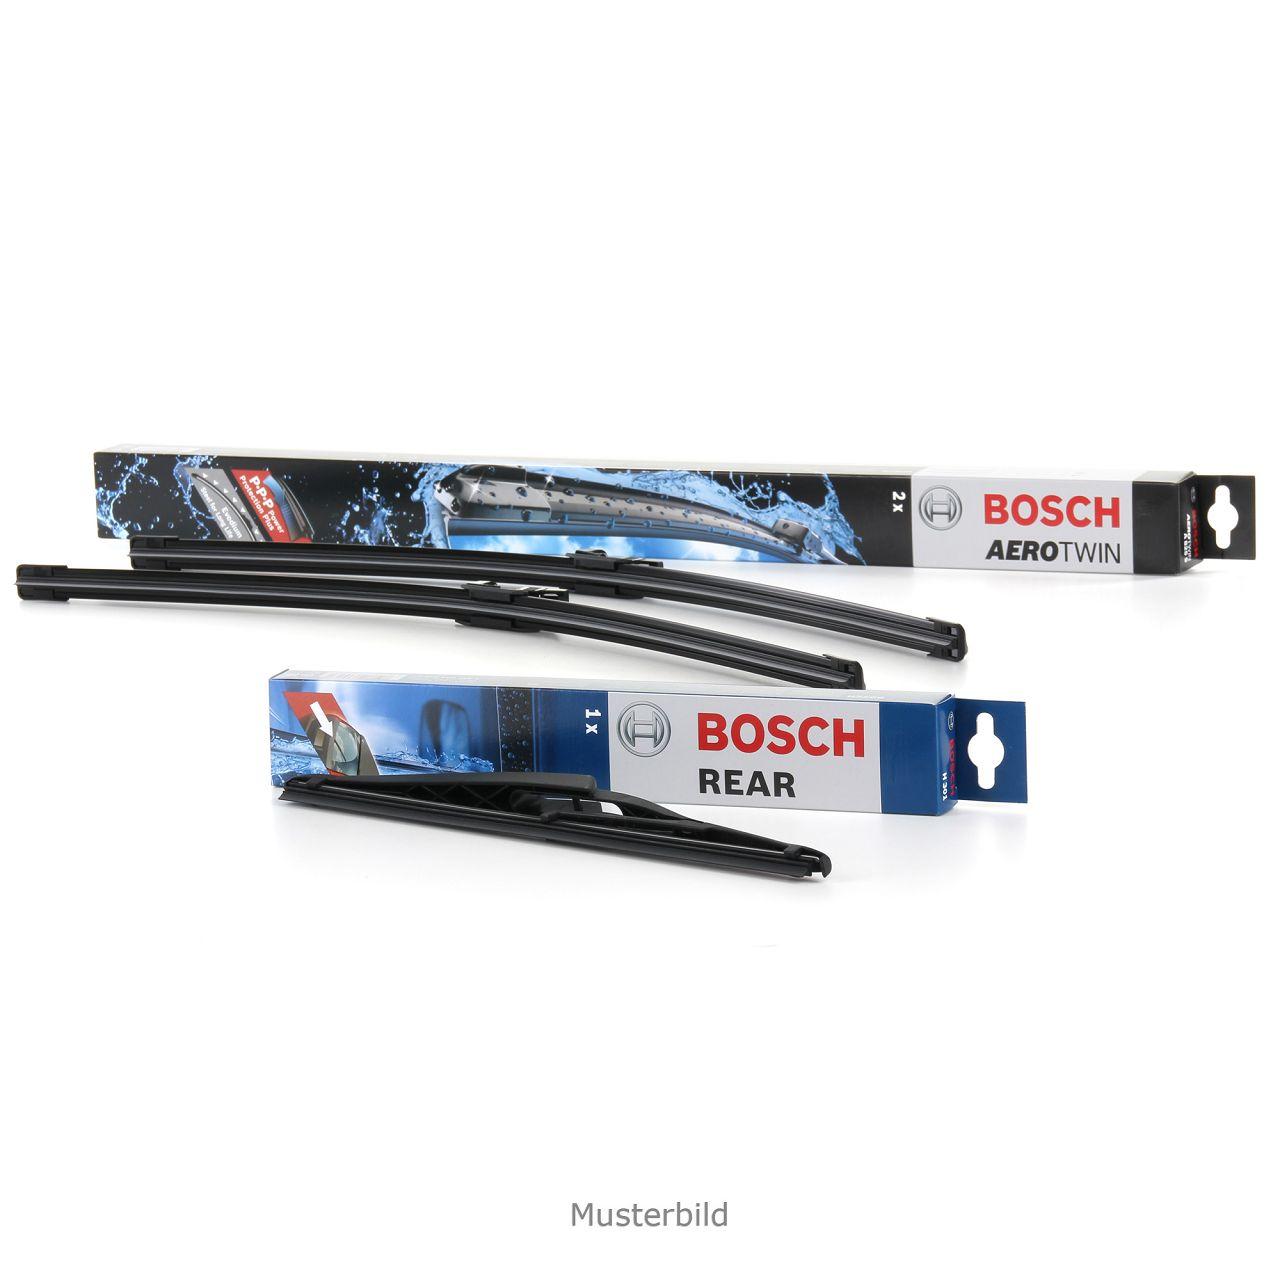 BOSCH AM461S + H306 Scheibenwischer BMW 1er F20 F21 vorne + hinten